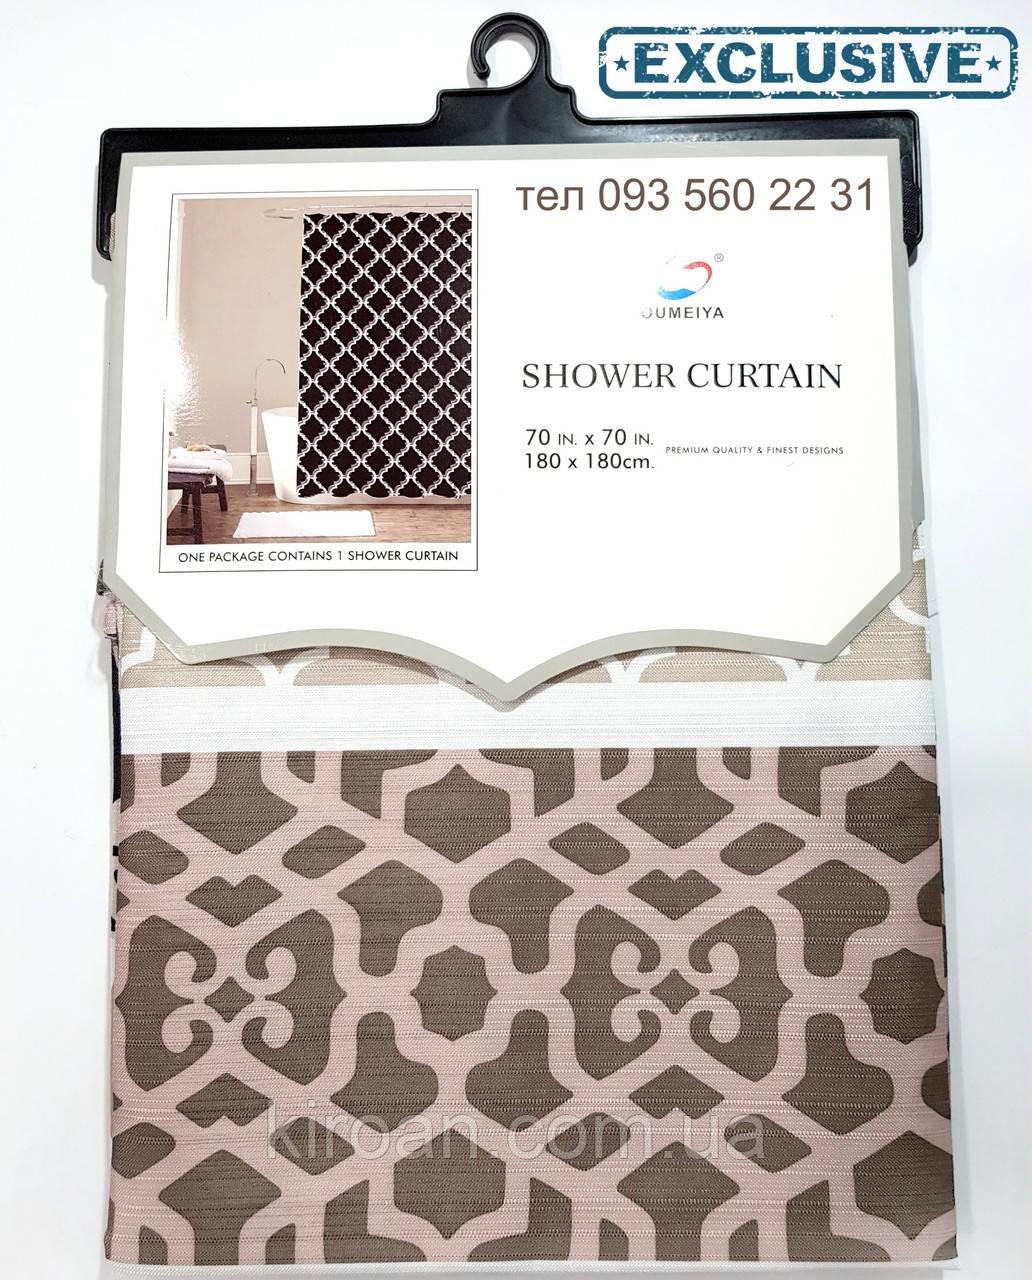 Штора в ванную Canvas Premium 178Х183 см Эксклюзив SC1920061 (коричневый с серым и черным)